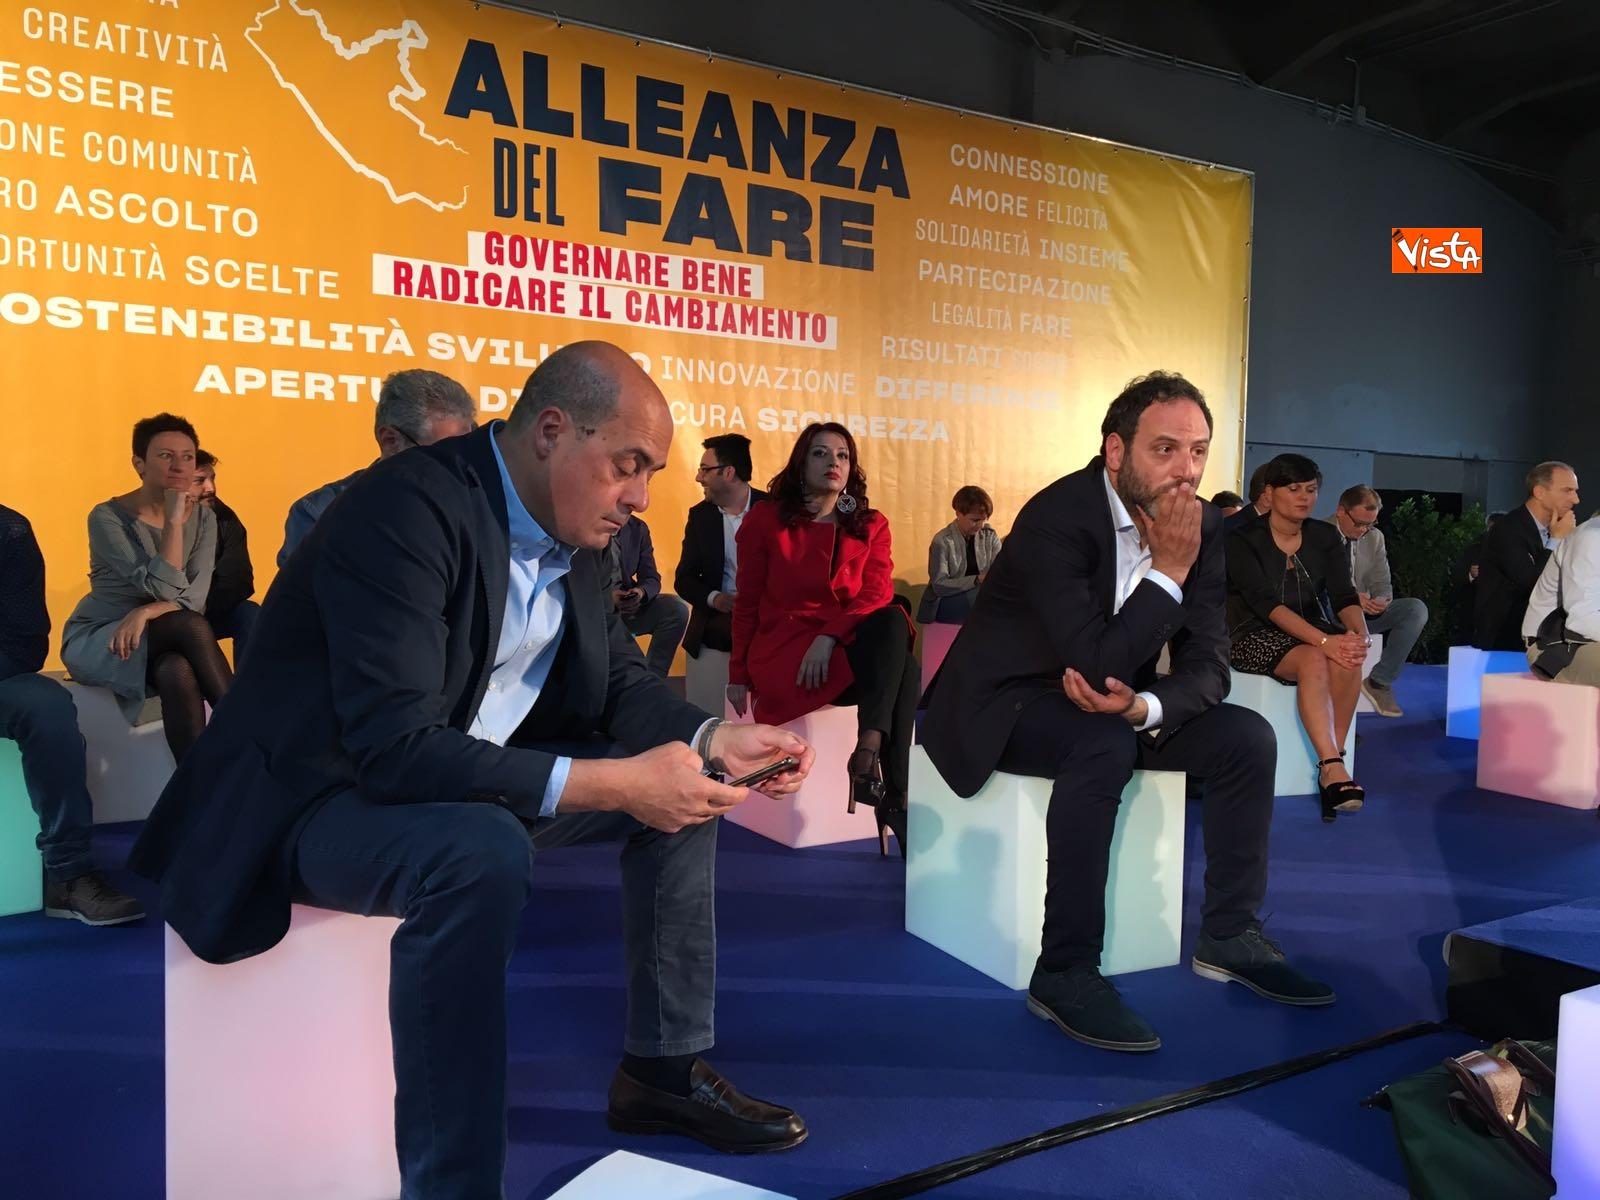 Zingaretti lancia l Alleanza del fare in vista delle amministrative del 10 giugno 5